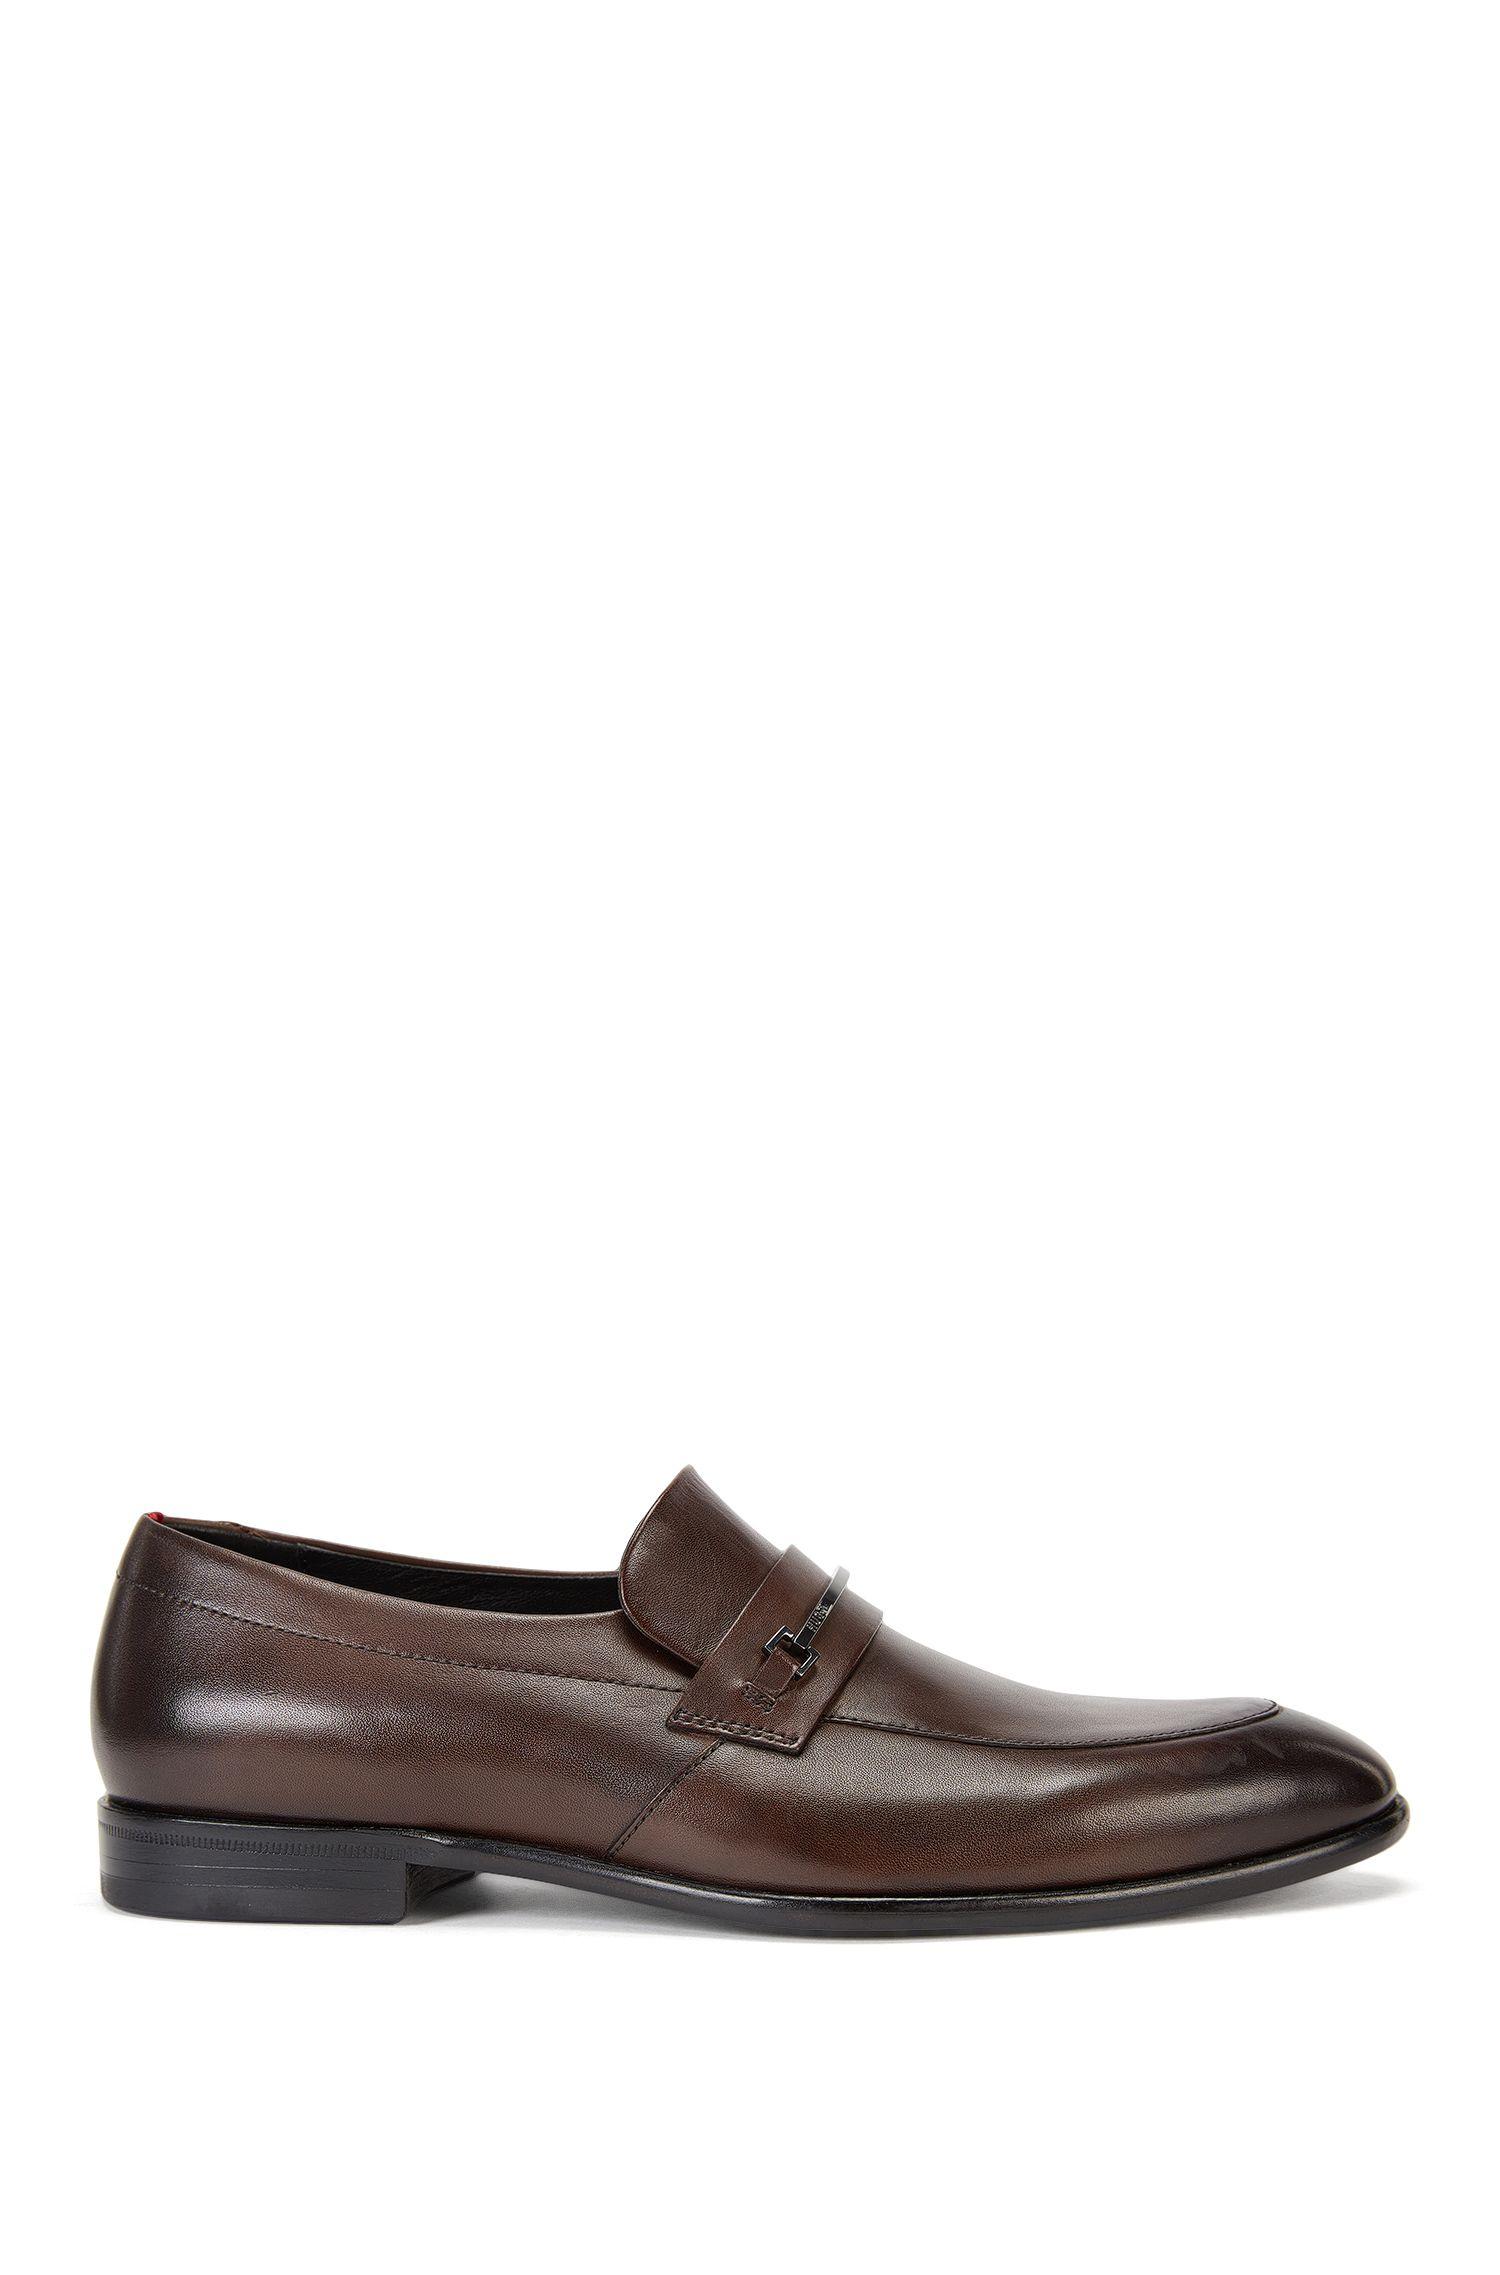 Horse-Bit Leather Loafer | Dressapp Loaf Buhw